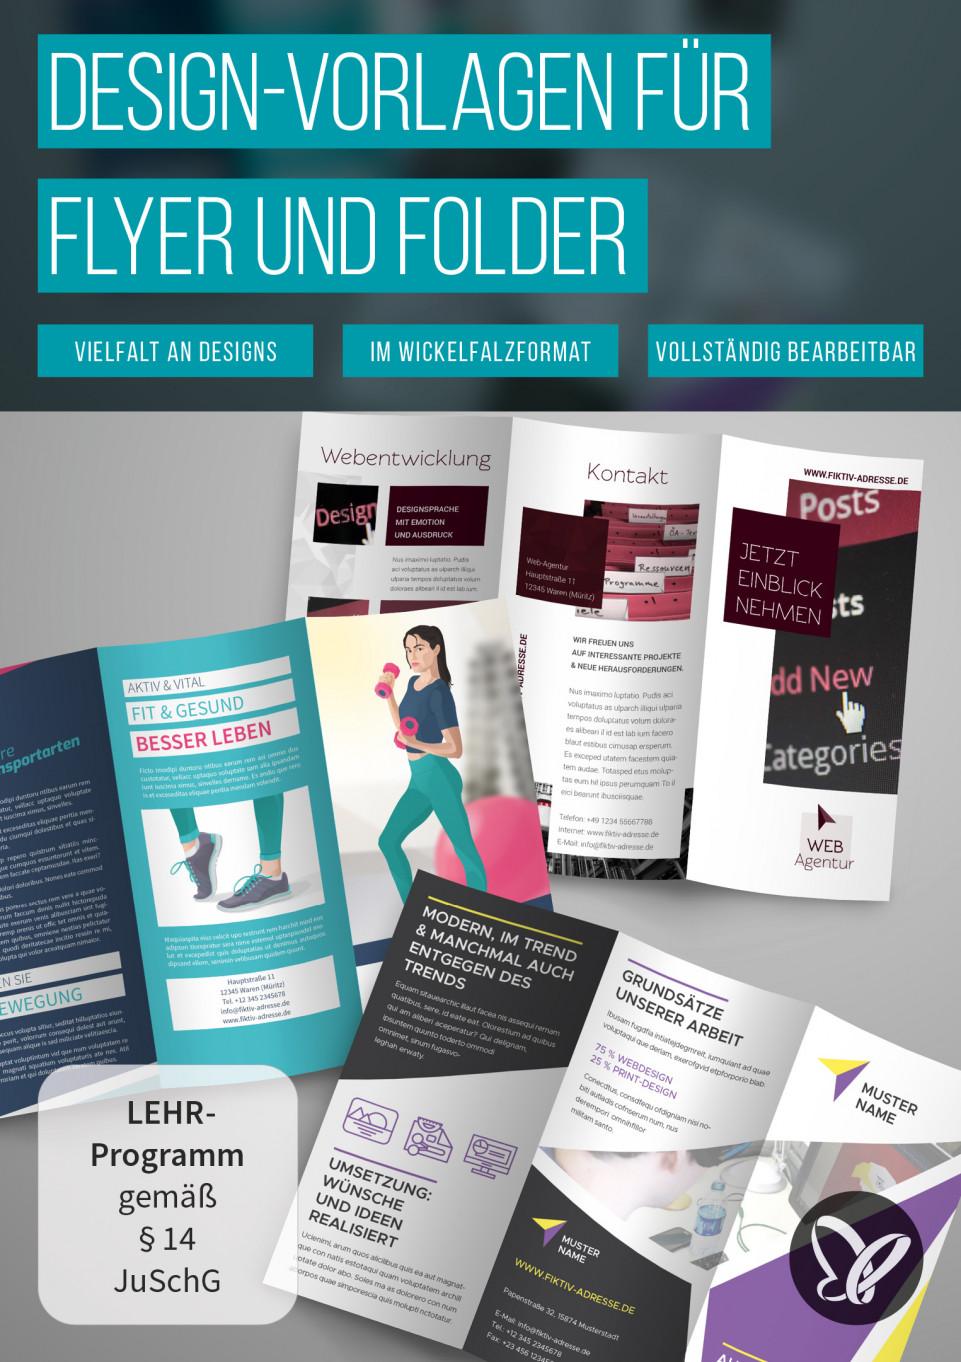 Flyer und Folder gestalten: fertige Design-Vorlagen